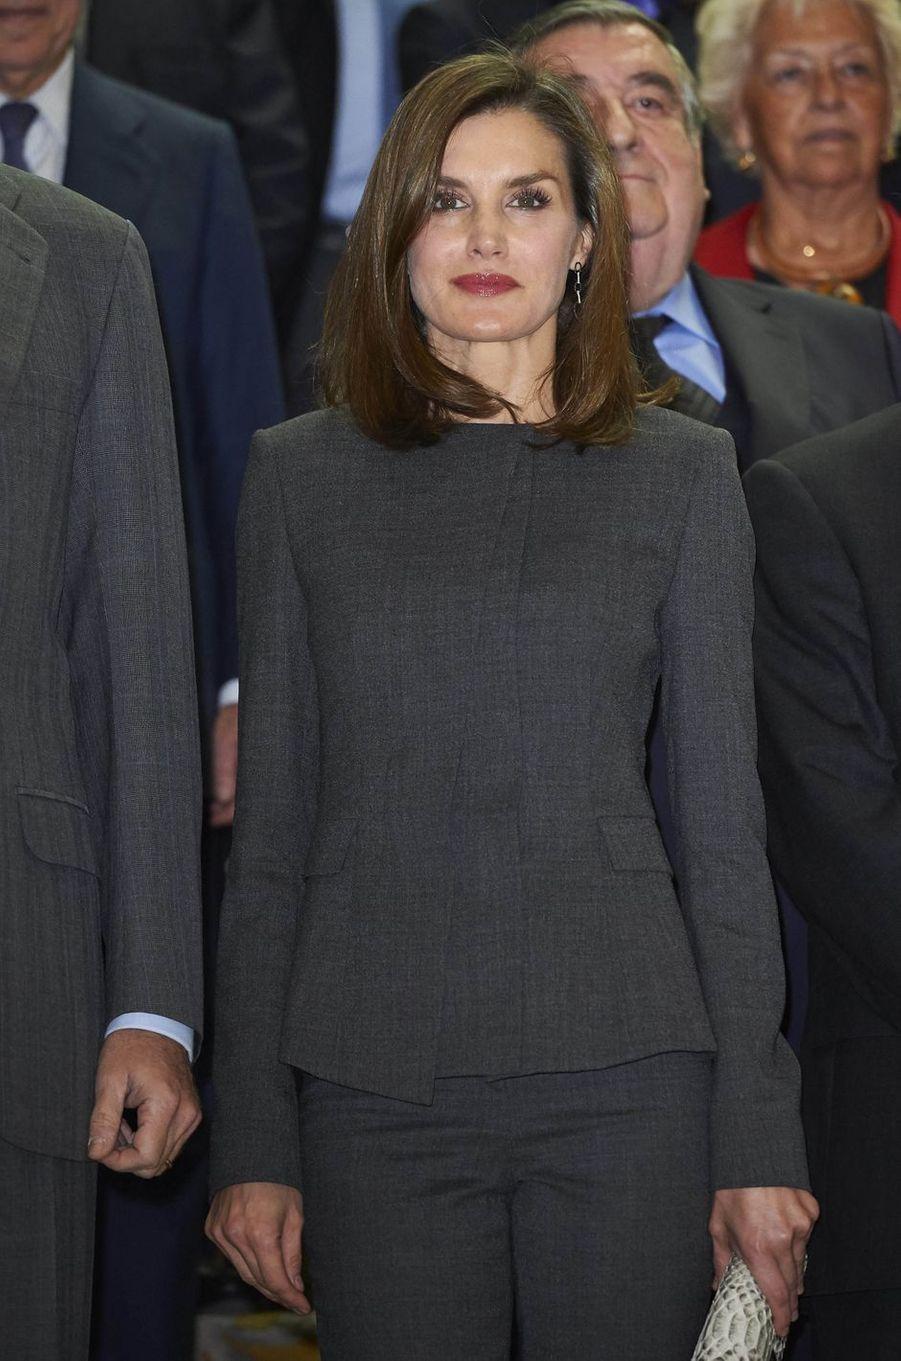 La reine Letizia d'Espagne à Madrid, le 24 novembre 2017